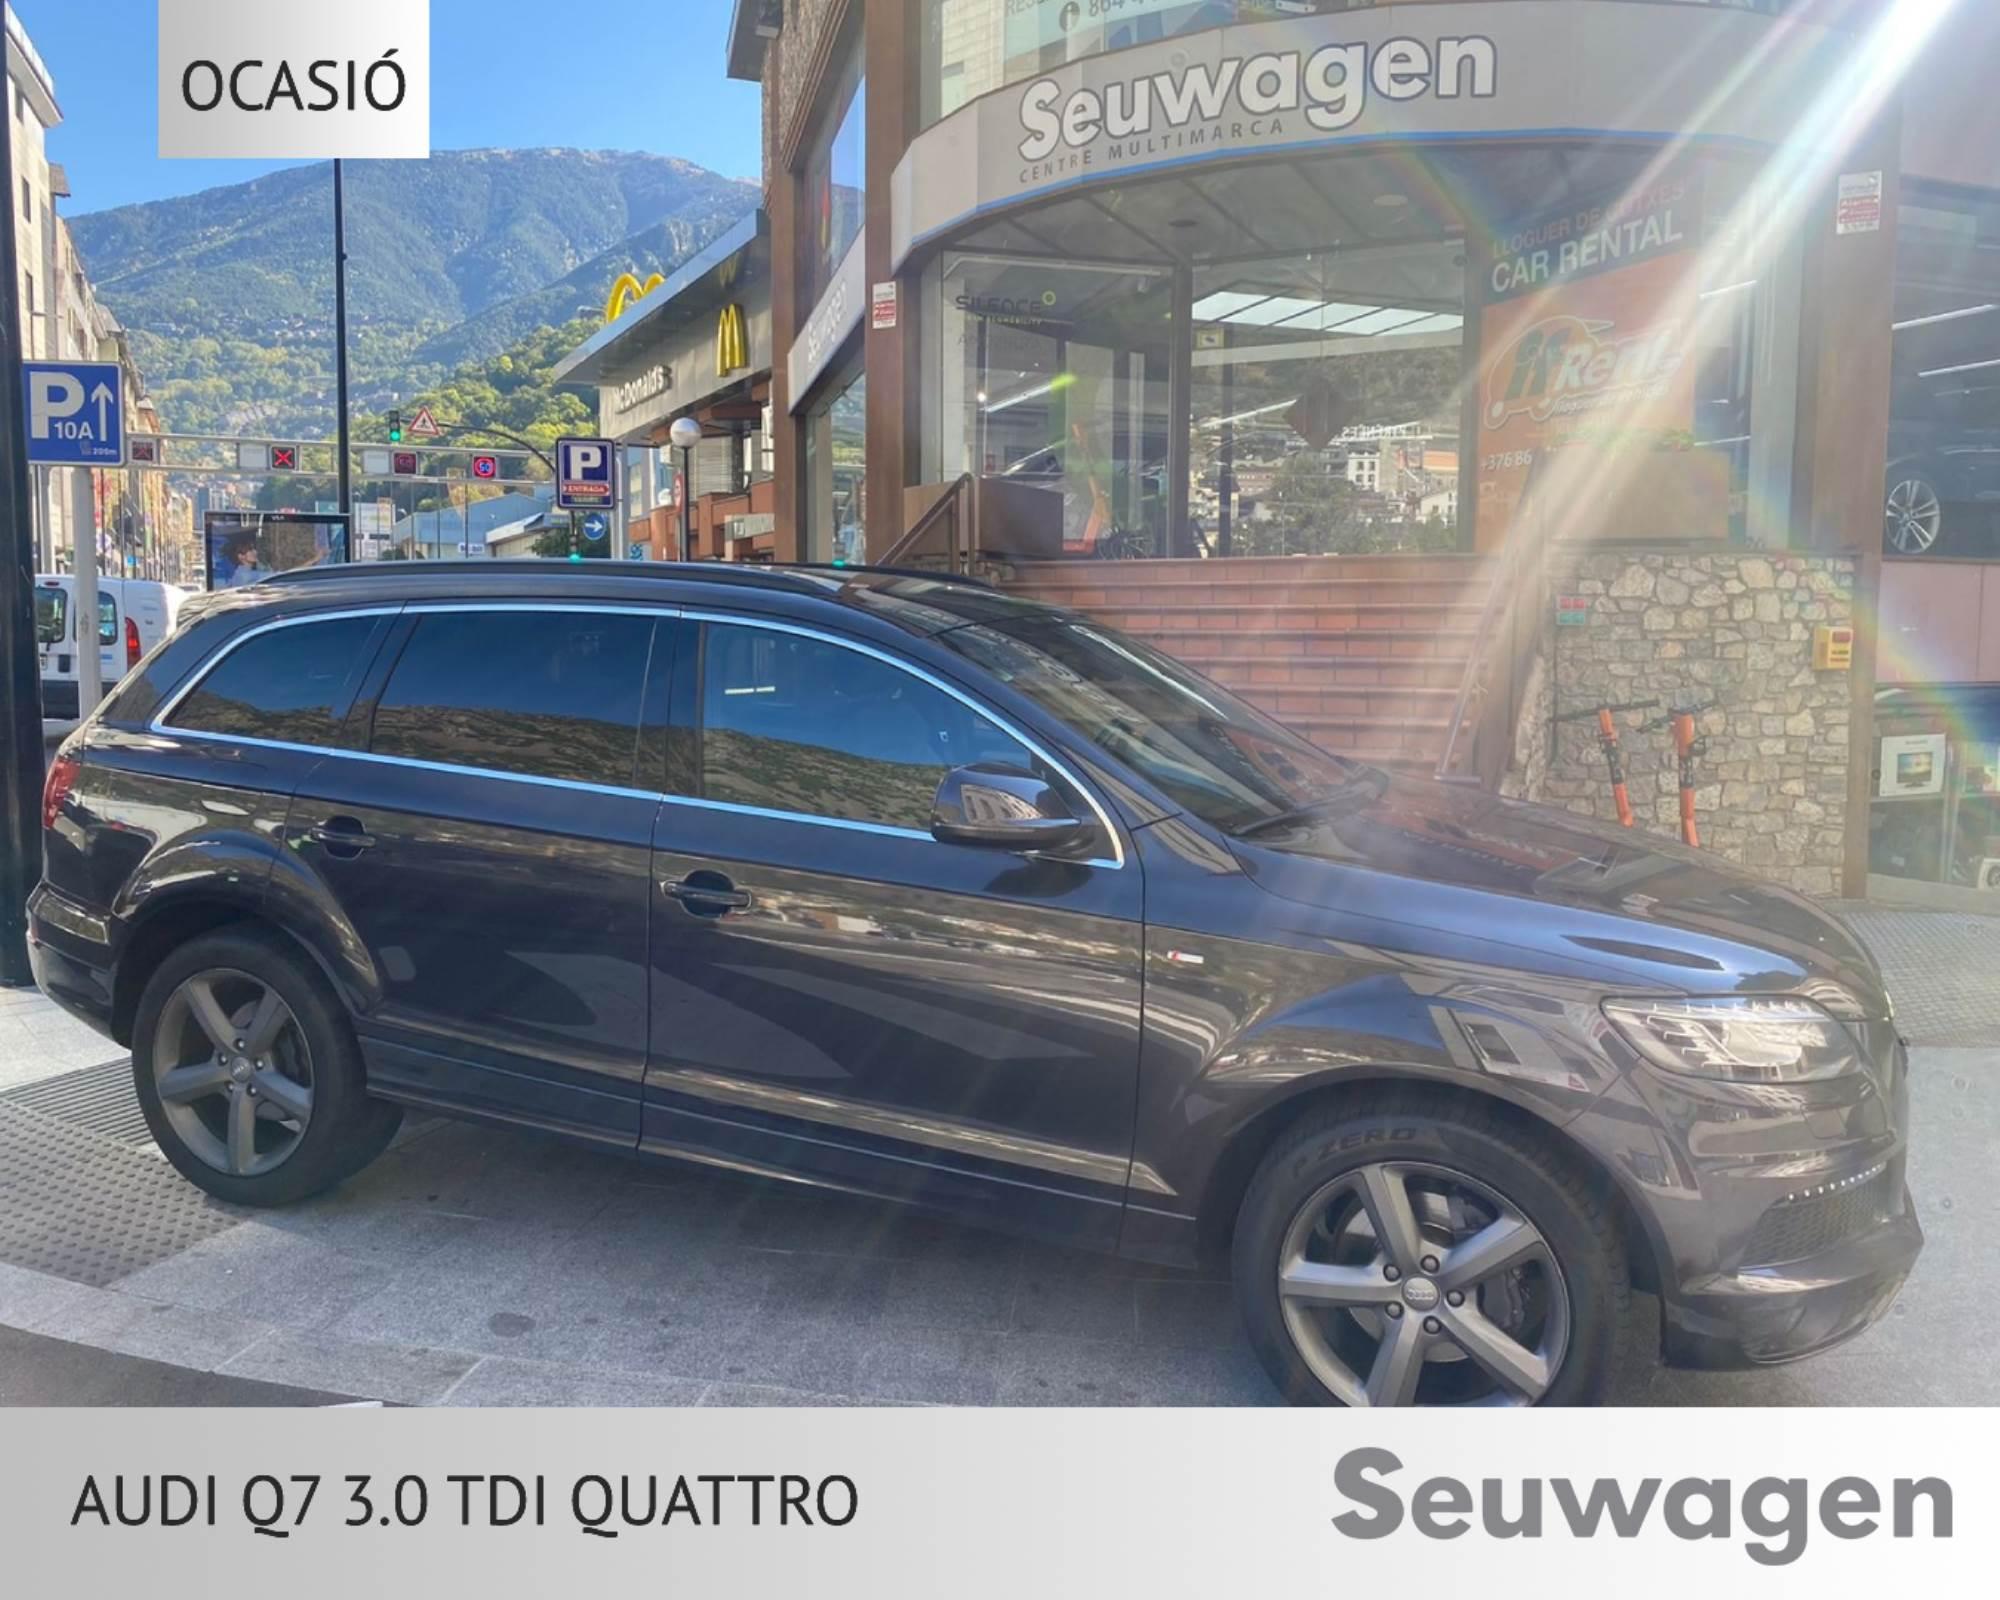 Audi - Q7 - 3.0 Tdi Quattro 3.0 Tdi Quattro Dièsel  2013  198.000 Km